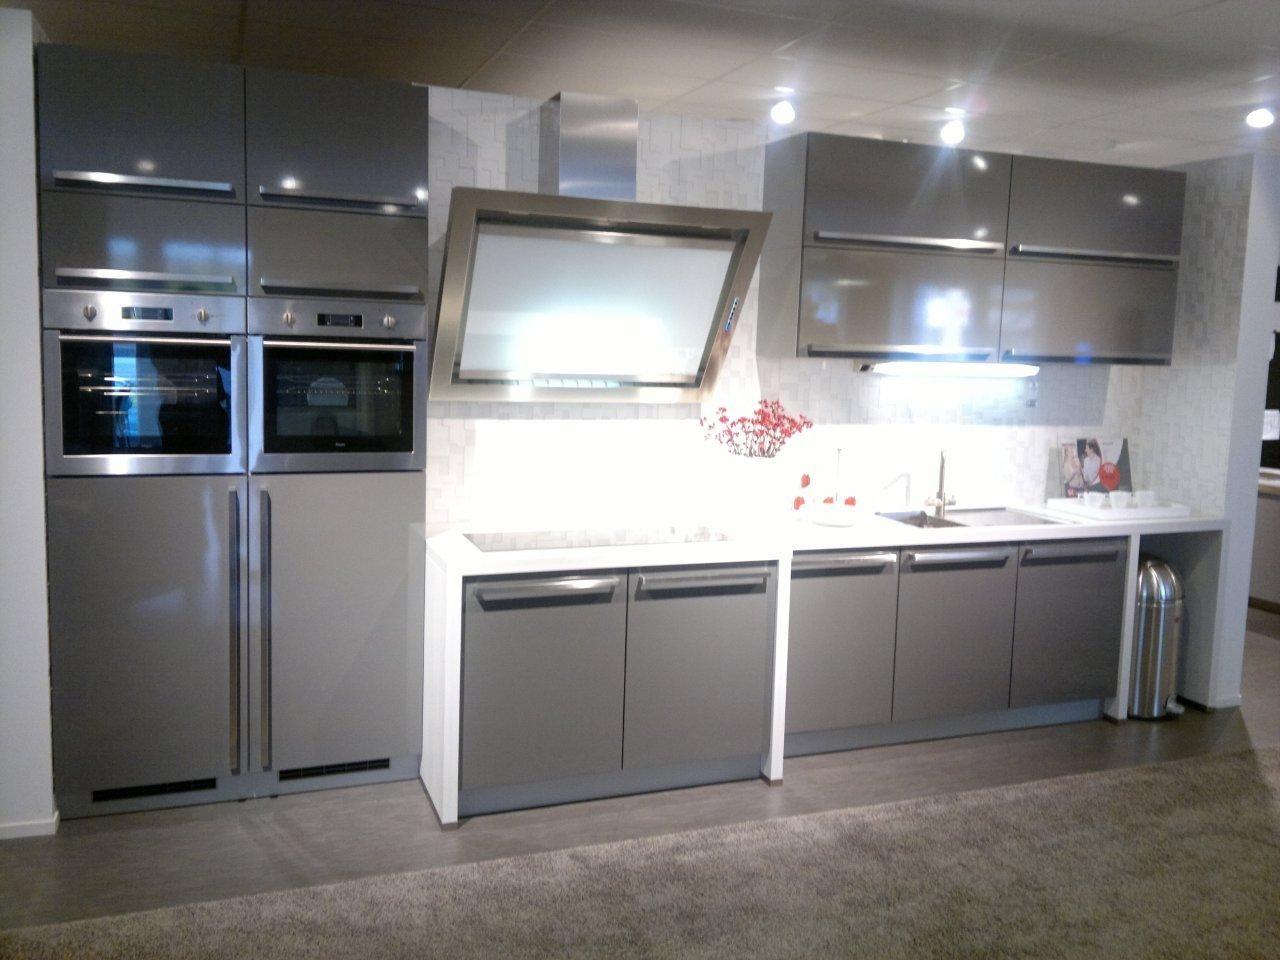 Moderne Keuken Keukenconcurrent : Keukens moderne design keuken